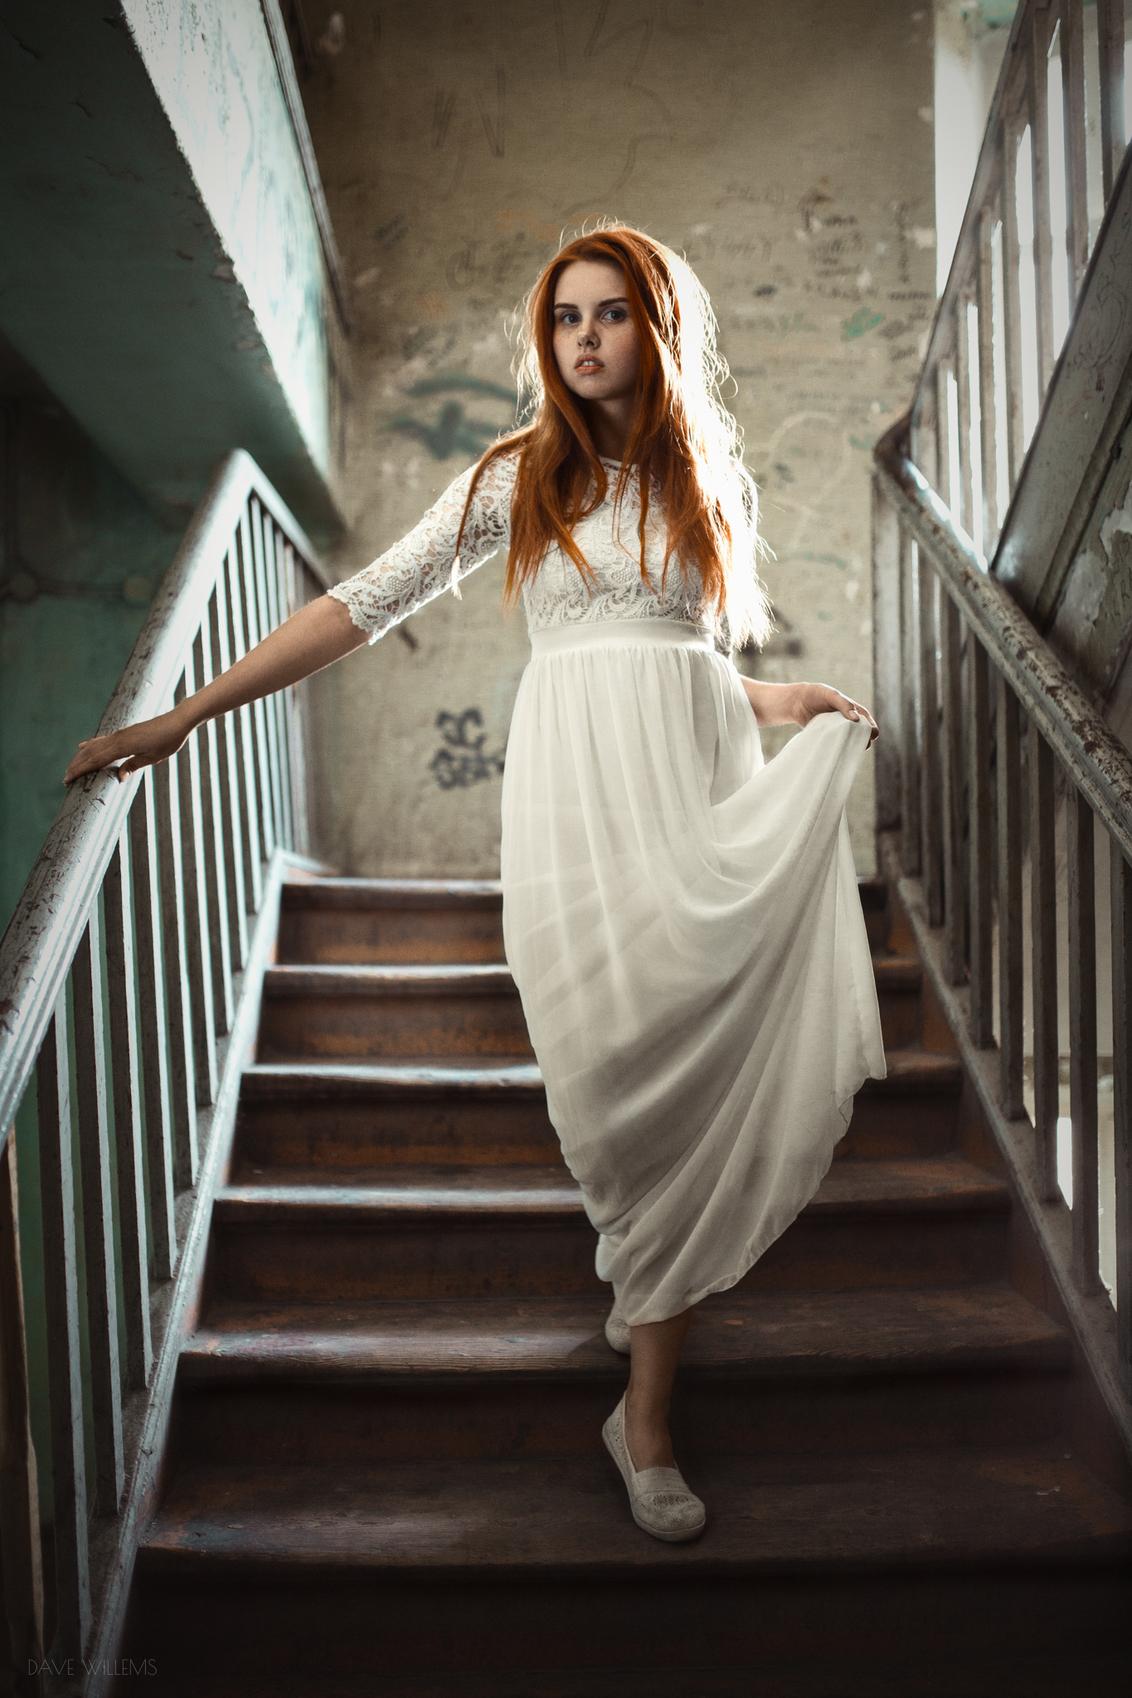 Wiktoria - Een Portret van Wiktoria in een oud trappenhuis in Wroclaw Polen. Lichtbron is natuurlijk licht dat het trappenhuis binnenkomt via een raam. Om de sc - foto door davew op 17-07-2019 - deze foto bevat: amsterdam, old, model, portrait, vintage, ballet, light, beauty, pose, face, dutch, natural, posing, stairs, ballerina, beautiful, pretty, dress, legs, ginger, netherlands, redhead, wroclaw, poland, freckles, red hair, freckle, davewillems, davewillemsphotography, dave willems, modelka